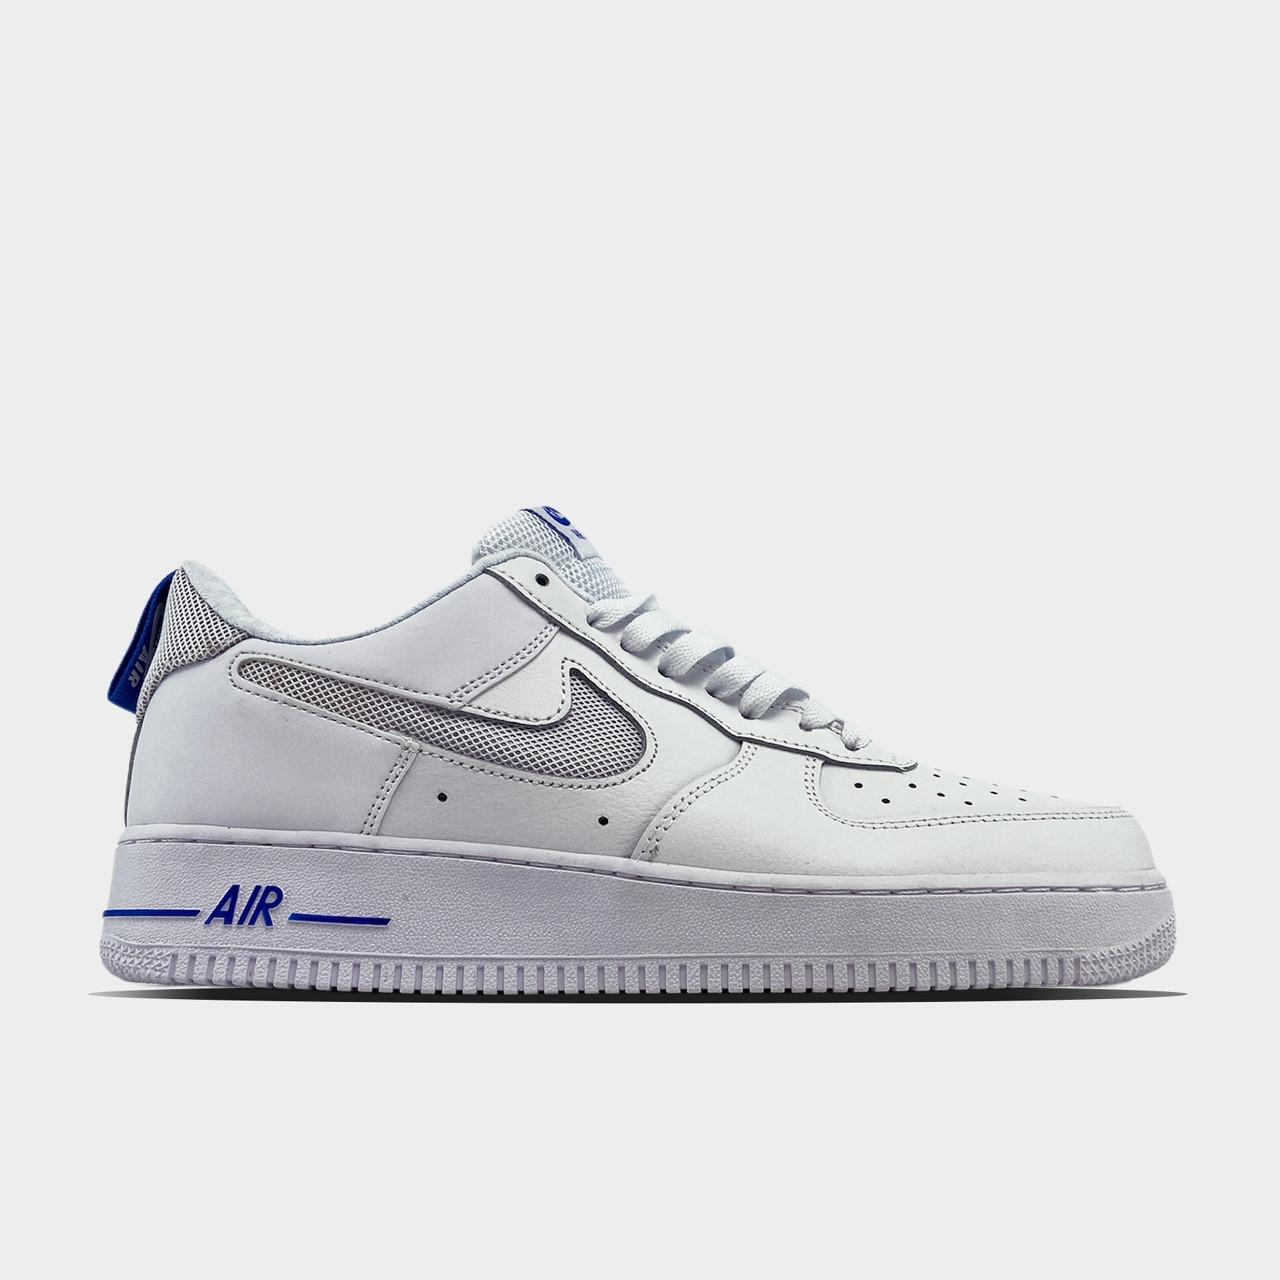 Nk, крос, обувь, взуття, sneakers, шузы, Air Force 1 07 LV8 GS White Blue (Белый)